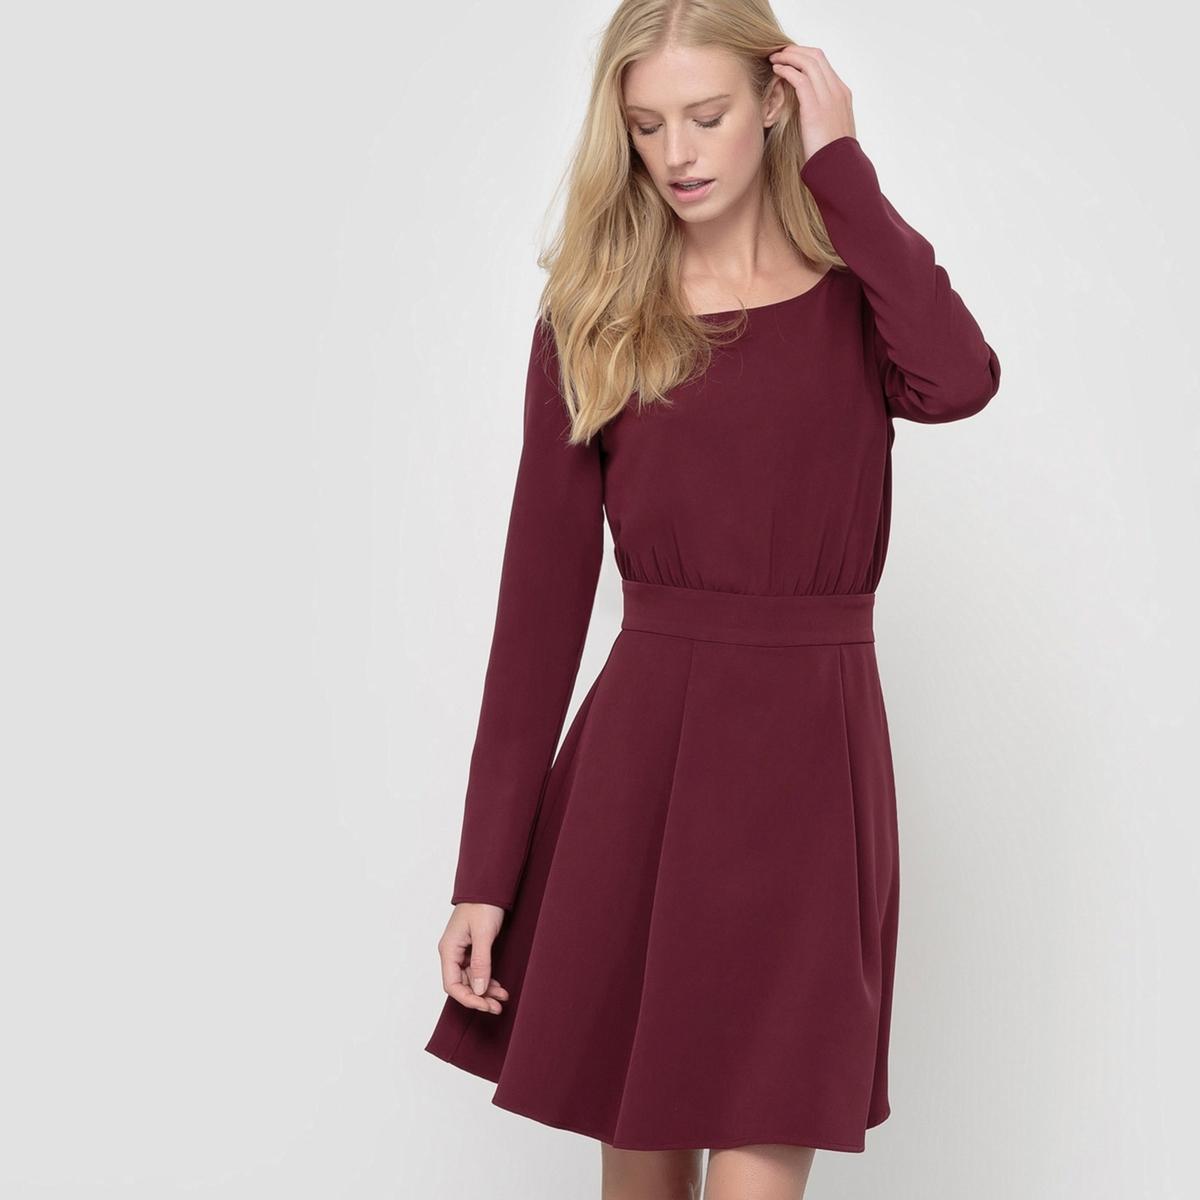 Вечернее платье с застежкой на пуговицы сзадиСостав и описание:Материал: 88% полиэстера, 12% эластана.Длина: 90 см.Марка: R essentiel.     Уход:      Стирать и гладить с изнаночной стороны. Машинная стирка при 30 °C.Гладить при умеренной температуре.Гладить при средней температуре.<br><br>Цвет: красный темный,темно-фиолетовый,черный<br>Размер: 40 (FR) - 46 (RUS).44 (FR) - 50 (RUS).50 (FR) - 56 (RUS).38 (FR) - 44 (RUS).50 (FR) - 56 (RUS).48 (FR) - 54 (RUS).46 (FR) - 52 (RUS).44 (FR) - 50 (RUS).42 (FR) - 48 (RUS).52 (FR) - 58 (RUS).46 (FR) - 52 (RUS).48 (FR) - 54 (RUS).44 (FR) - 50 (RUS).42 (FR) - 48 (RUS).40 (FR) - 46 (RUS).42 (FR) - 48 (RUS)